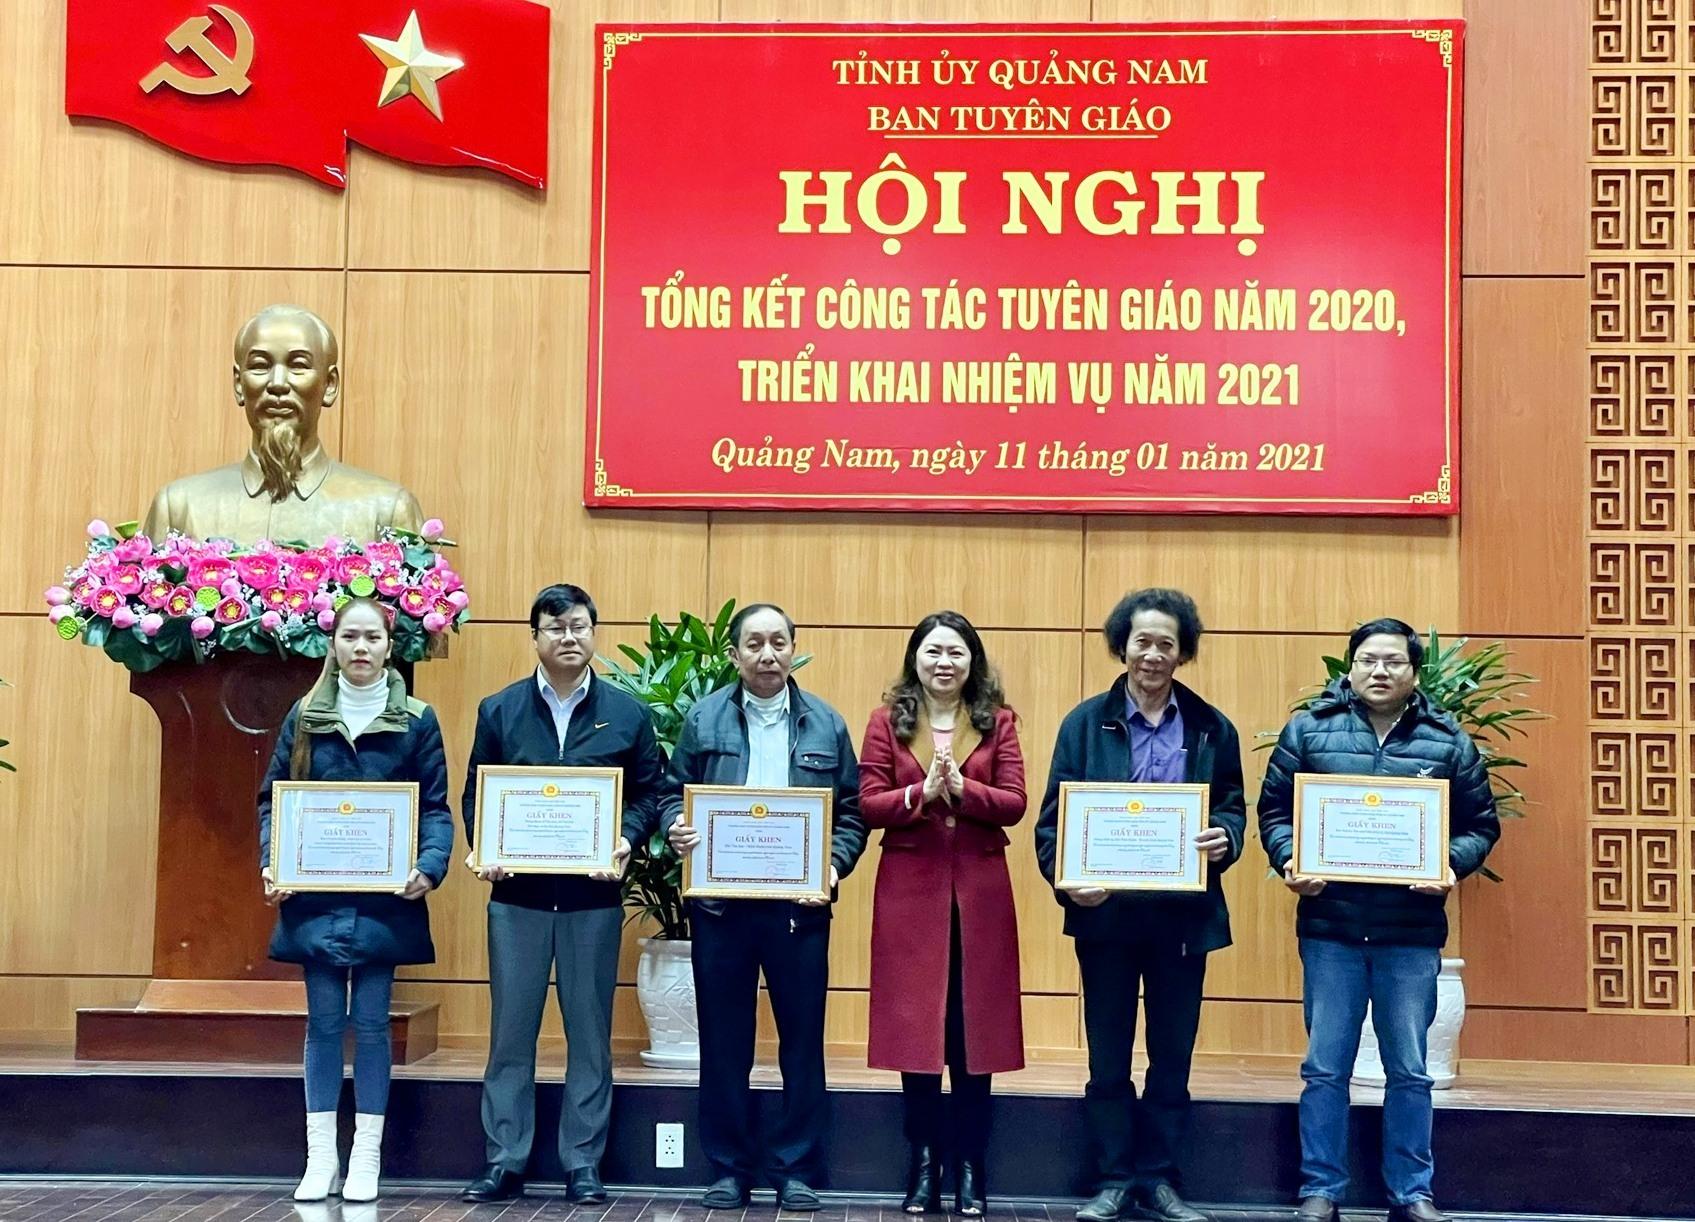 Trưởng ban Tuyên giáo Tỉnh ủy Nguyễn Thị Thu Lan tặng Giấy khen cho 5 tập thể có thành tích xuất sắc trông công tác thông tin, tuyên truyền chủ trương của Đảng, chính sách pháp luật Nhà nước. Ảnh: N.Đ